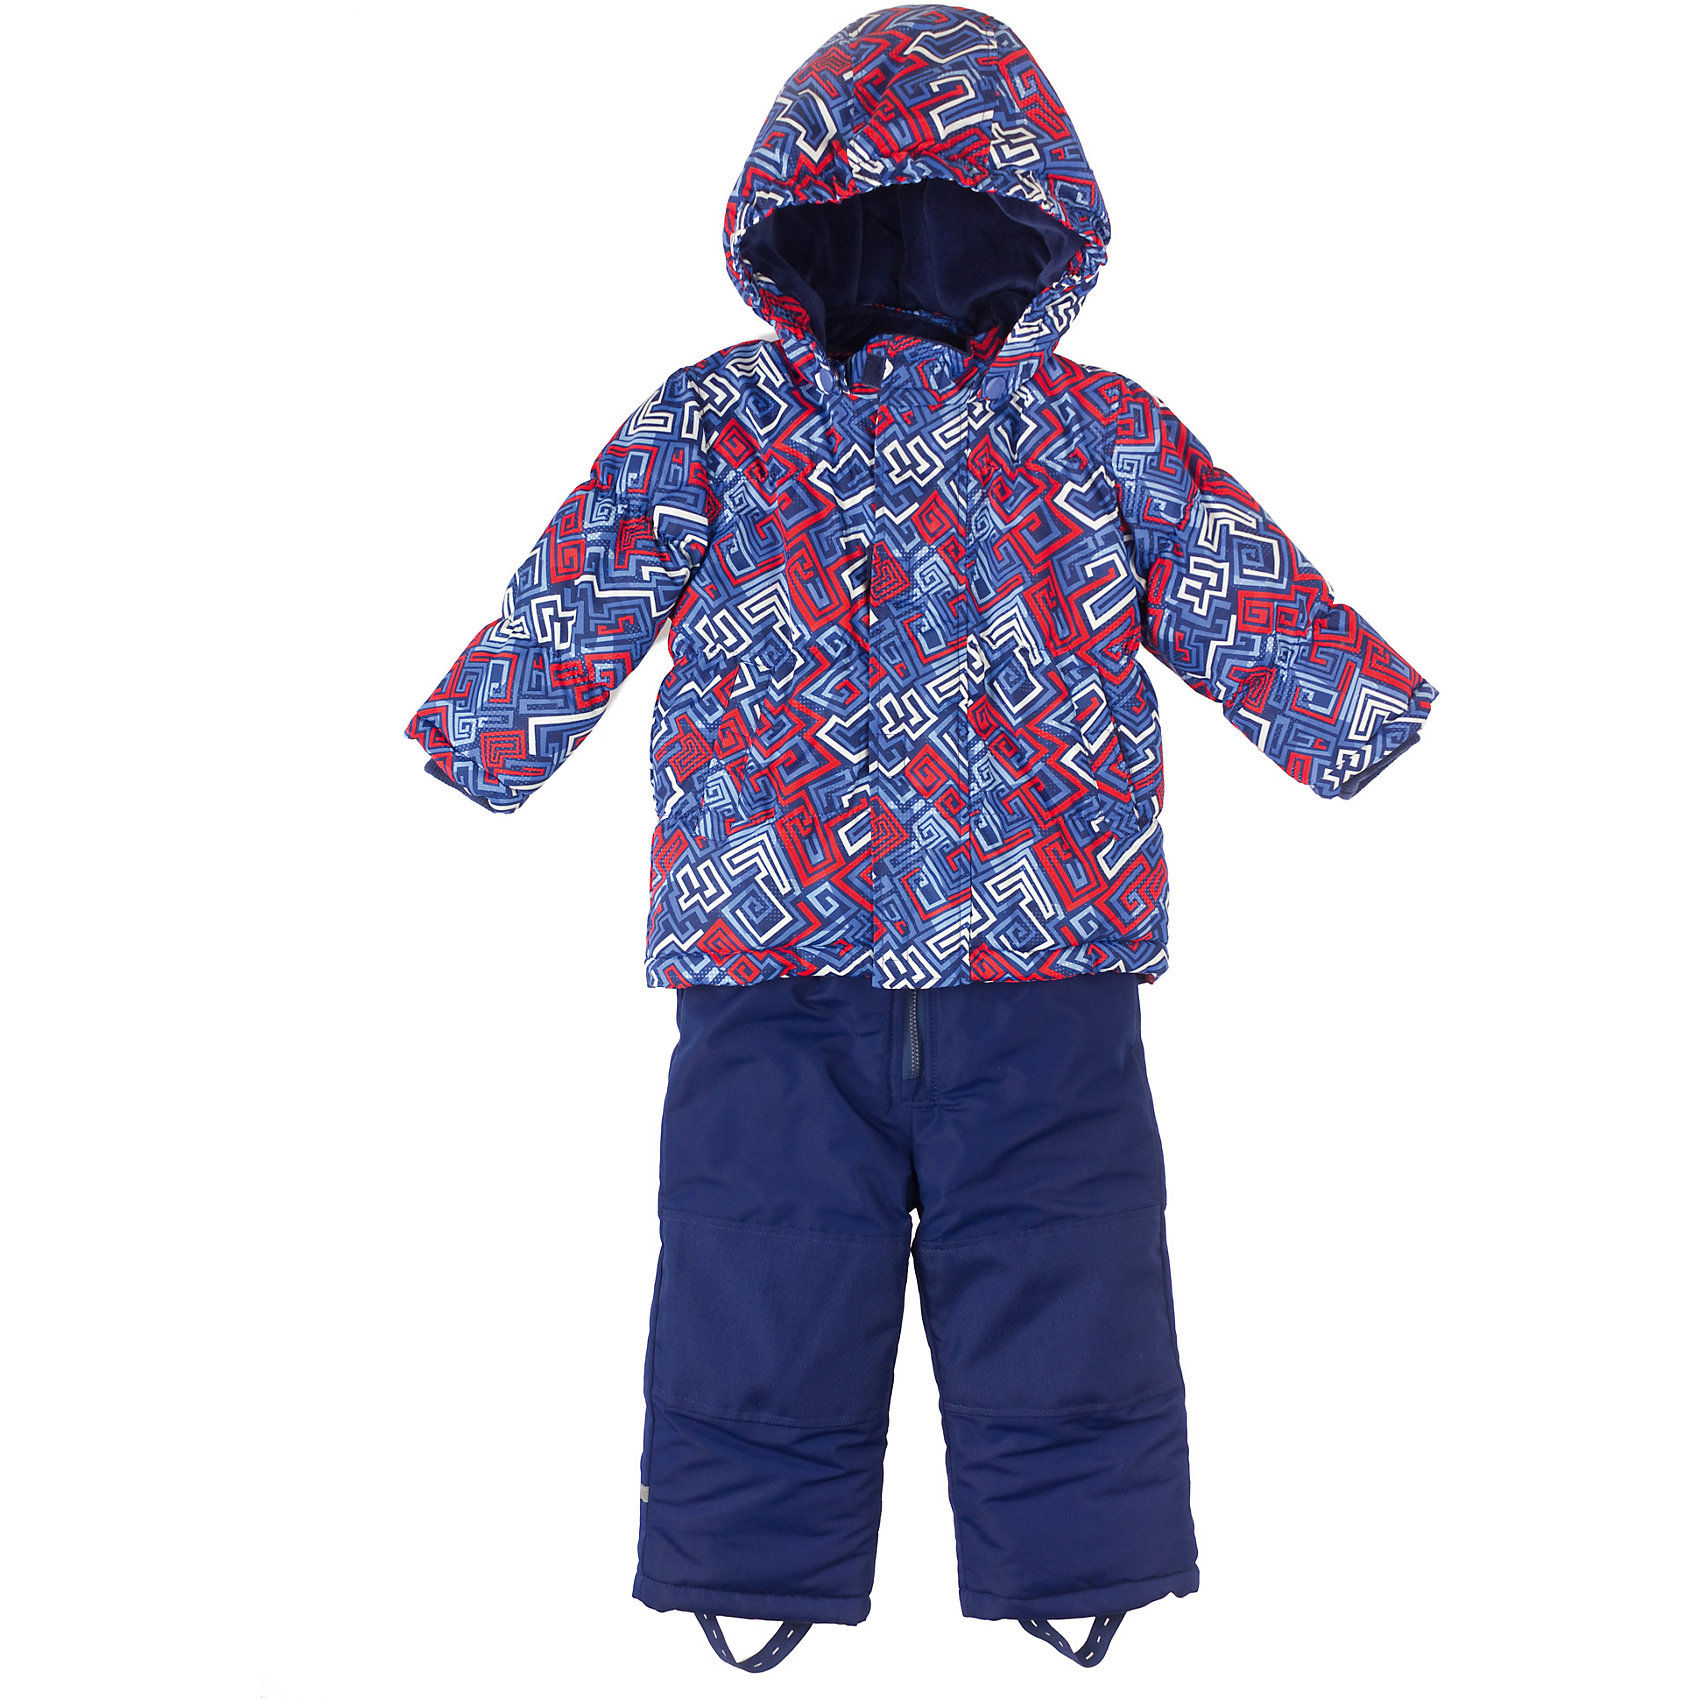 Комплект: куртка и брюки для мальчика PlayTodayВерхняя одежда<br>Комплект для мальчика PlayToday Комплект из куртки и полукомбинезон на холодную погоду из непромокаемой ткани. Дополнительно утеплен велюровой подкладкой. Капюшон отстёгивается. Карманы на липучках. Удобная молния, дополнительные застежки-липучки на куртке. Также есть дополнительная защита от ветра и снега как в спортивных куртках. Низ утягивается стопперами. Дополнительная трикотажная резинка на рукавах. Есть держатели для перчаток, светоотражатели и специальные нашивки, чтобы можно было подписать владельца. Состав: Верх: 100% полиэстер, подкладка: 80% хлопок, 20% полиэстер, Утеплитель 100% полиэстер<br><br>Ширина мм: 190<br>Глубина мм: 74<br>Высота мм: 229<br>Вес г: 236<br>Цвет: синий<br>Возраст от месяцев: 6<br>Возраст до месяцев: 9<br>Пол: Мужской<br>Возраст: Детский<br>Размер: 74,86,80,92<br>SKU: 4229078